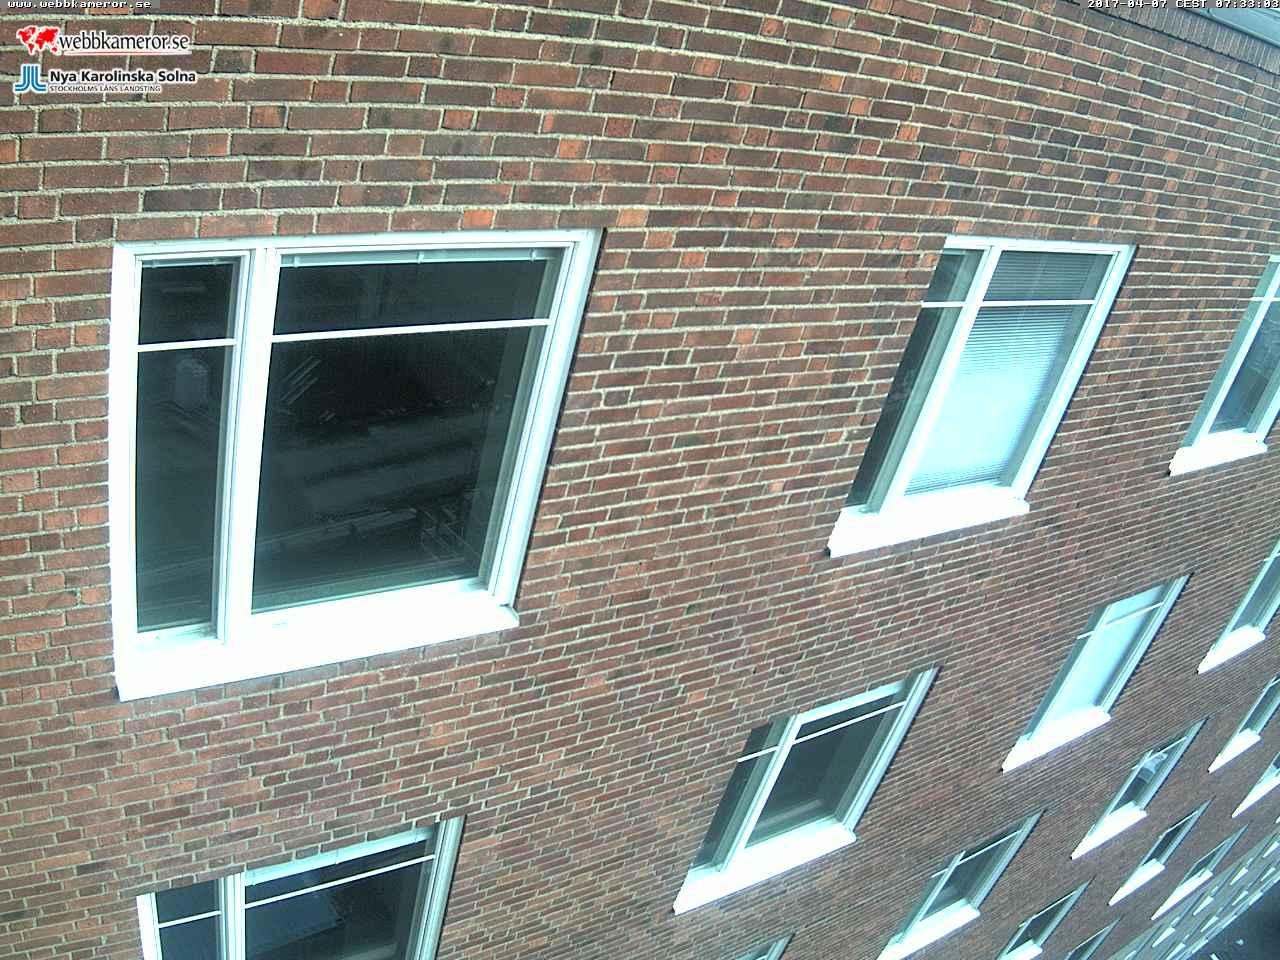 Webbkamera vid Nya Karolinska Solna